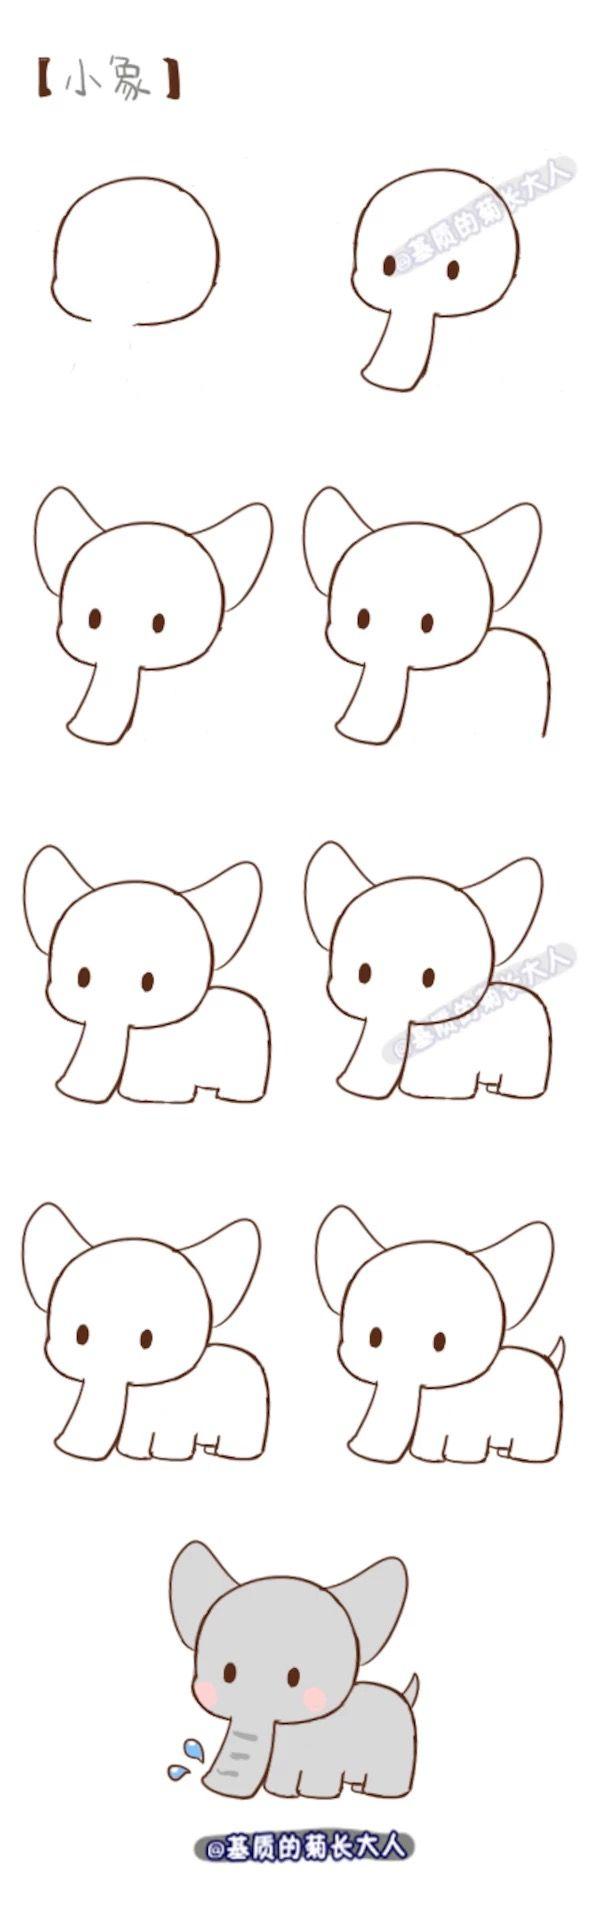 Häufig Apprendre à dessiner un éléphant | Art | Pinterest | Drawings  WC45